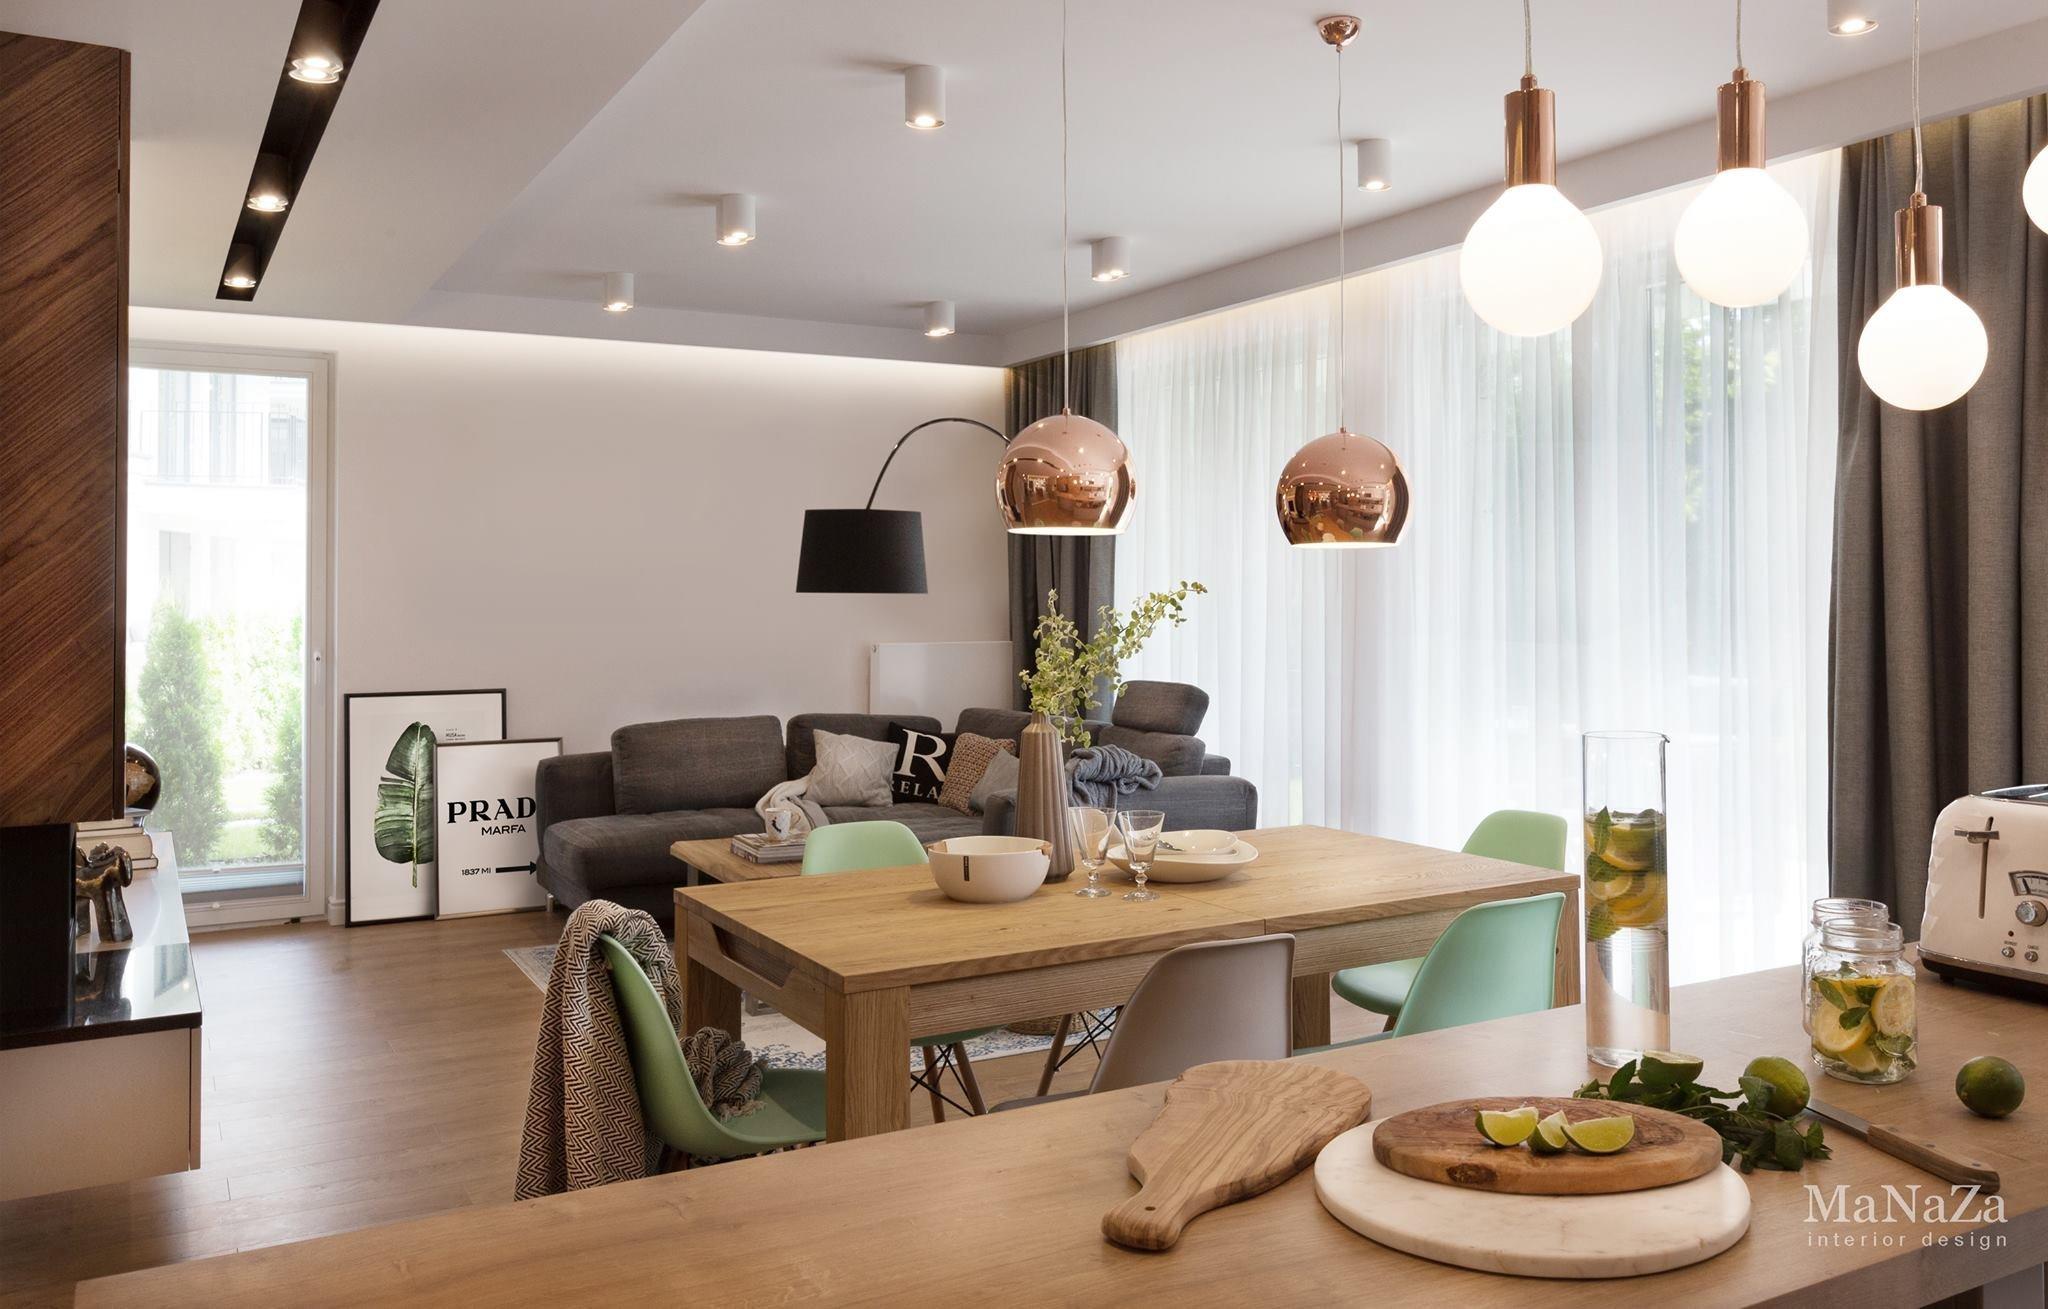 Bydlení, ve kterém se odráží moderní trendy poslední doby. Svěžími nápady se tento interiér jen hemží.  Přírodní tóny, masivní dřevo, zlatá růžová, oblíbená mint, moderní bílý lesk, nebo rustikální prvky. To vše se designéři nebáli zkombinovat a udělali dobře. Výsledek hovoří sám za sebe a tento byt nám může být inspirací.